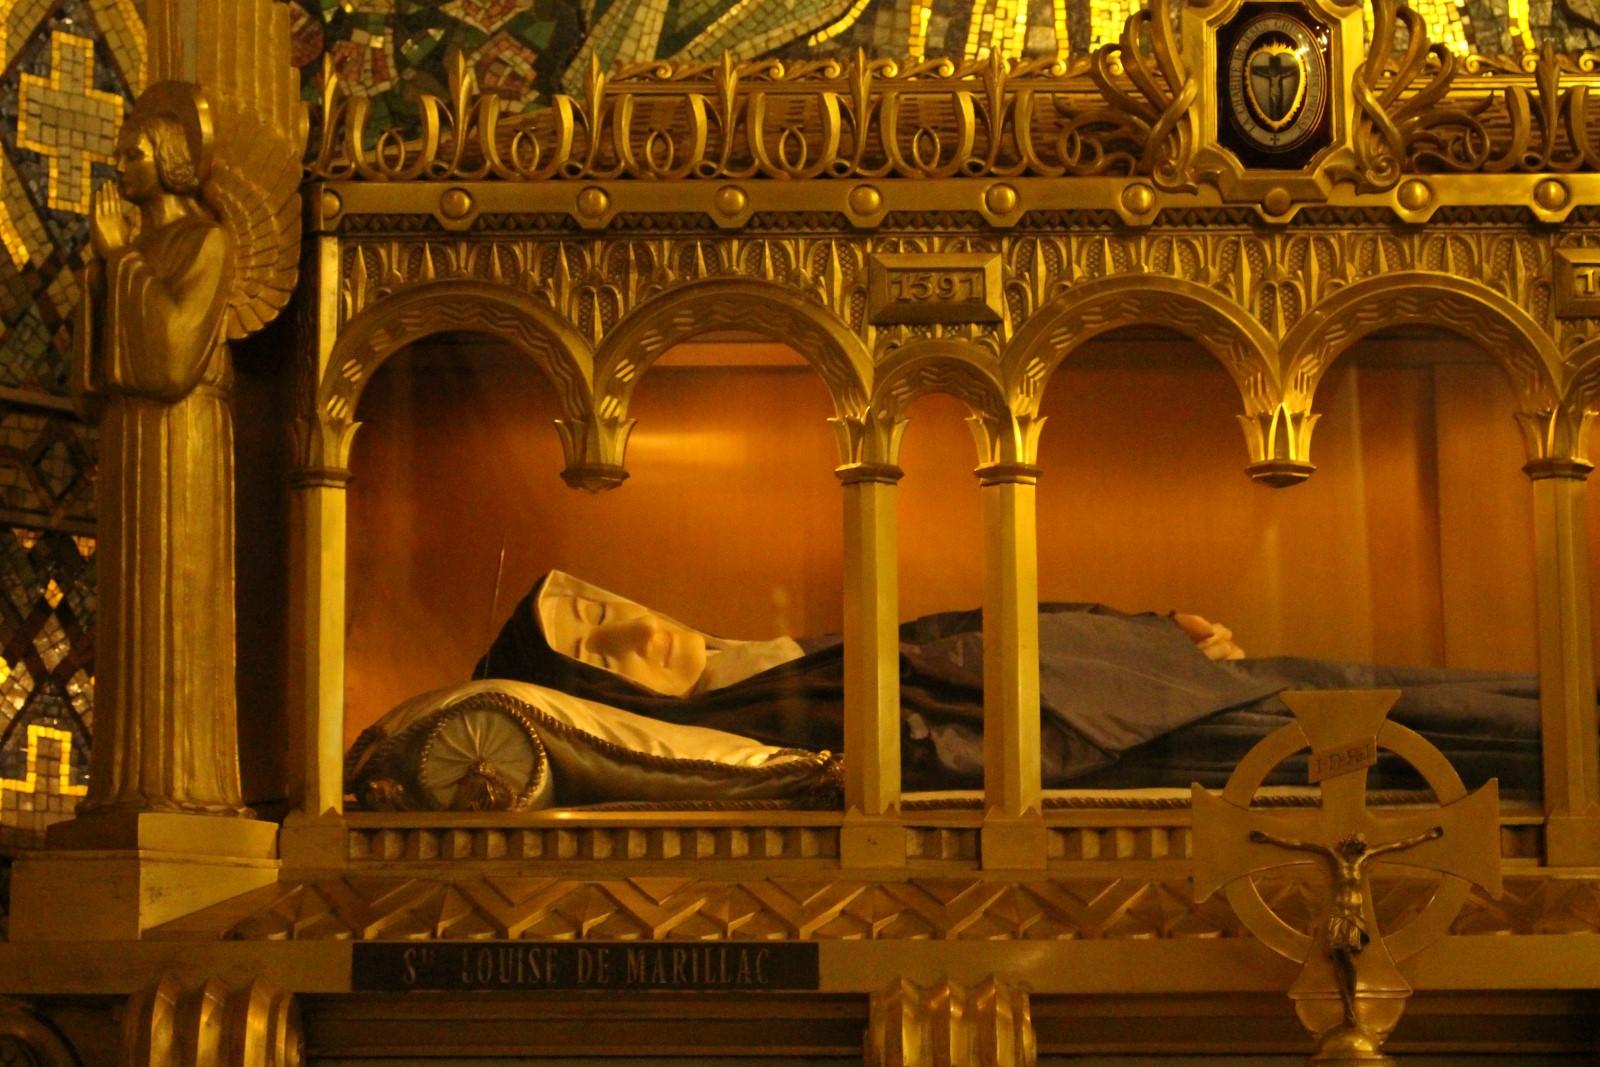 Restos de Santa Luisa de Marillac: fundadora de las Hijas de la Caridad junto con San Vicente de Paúl, en la misma Iglesia de la medalla milagrosa.